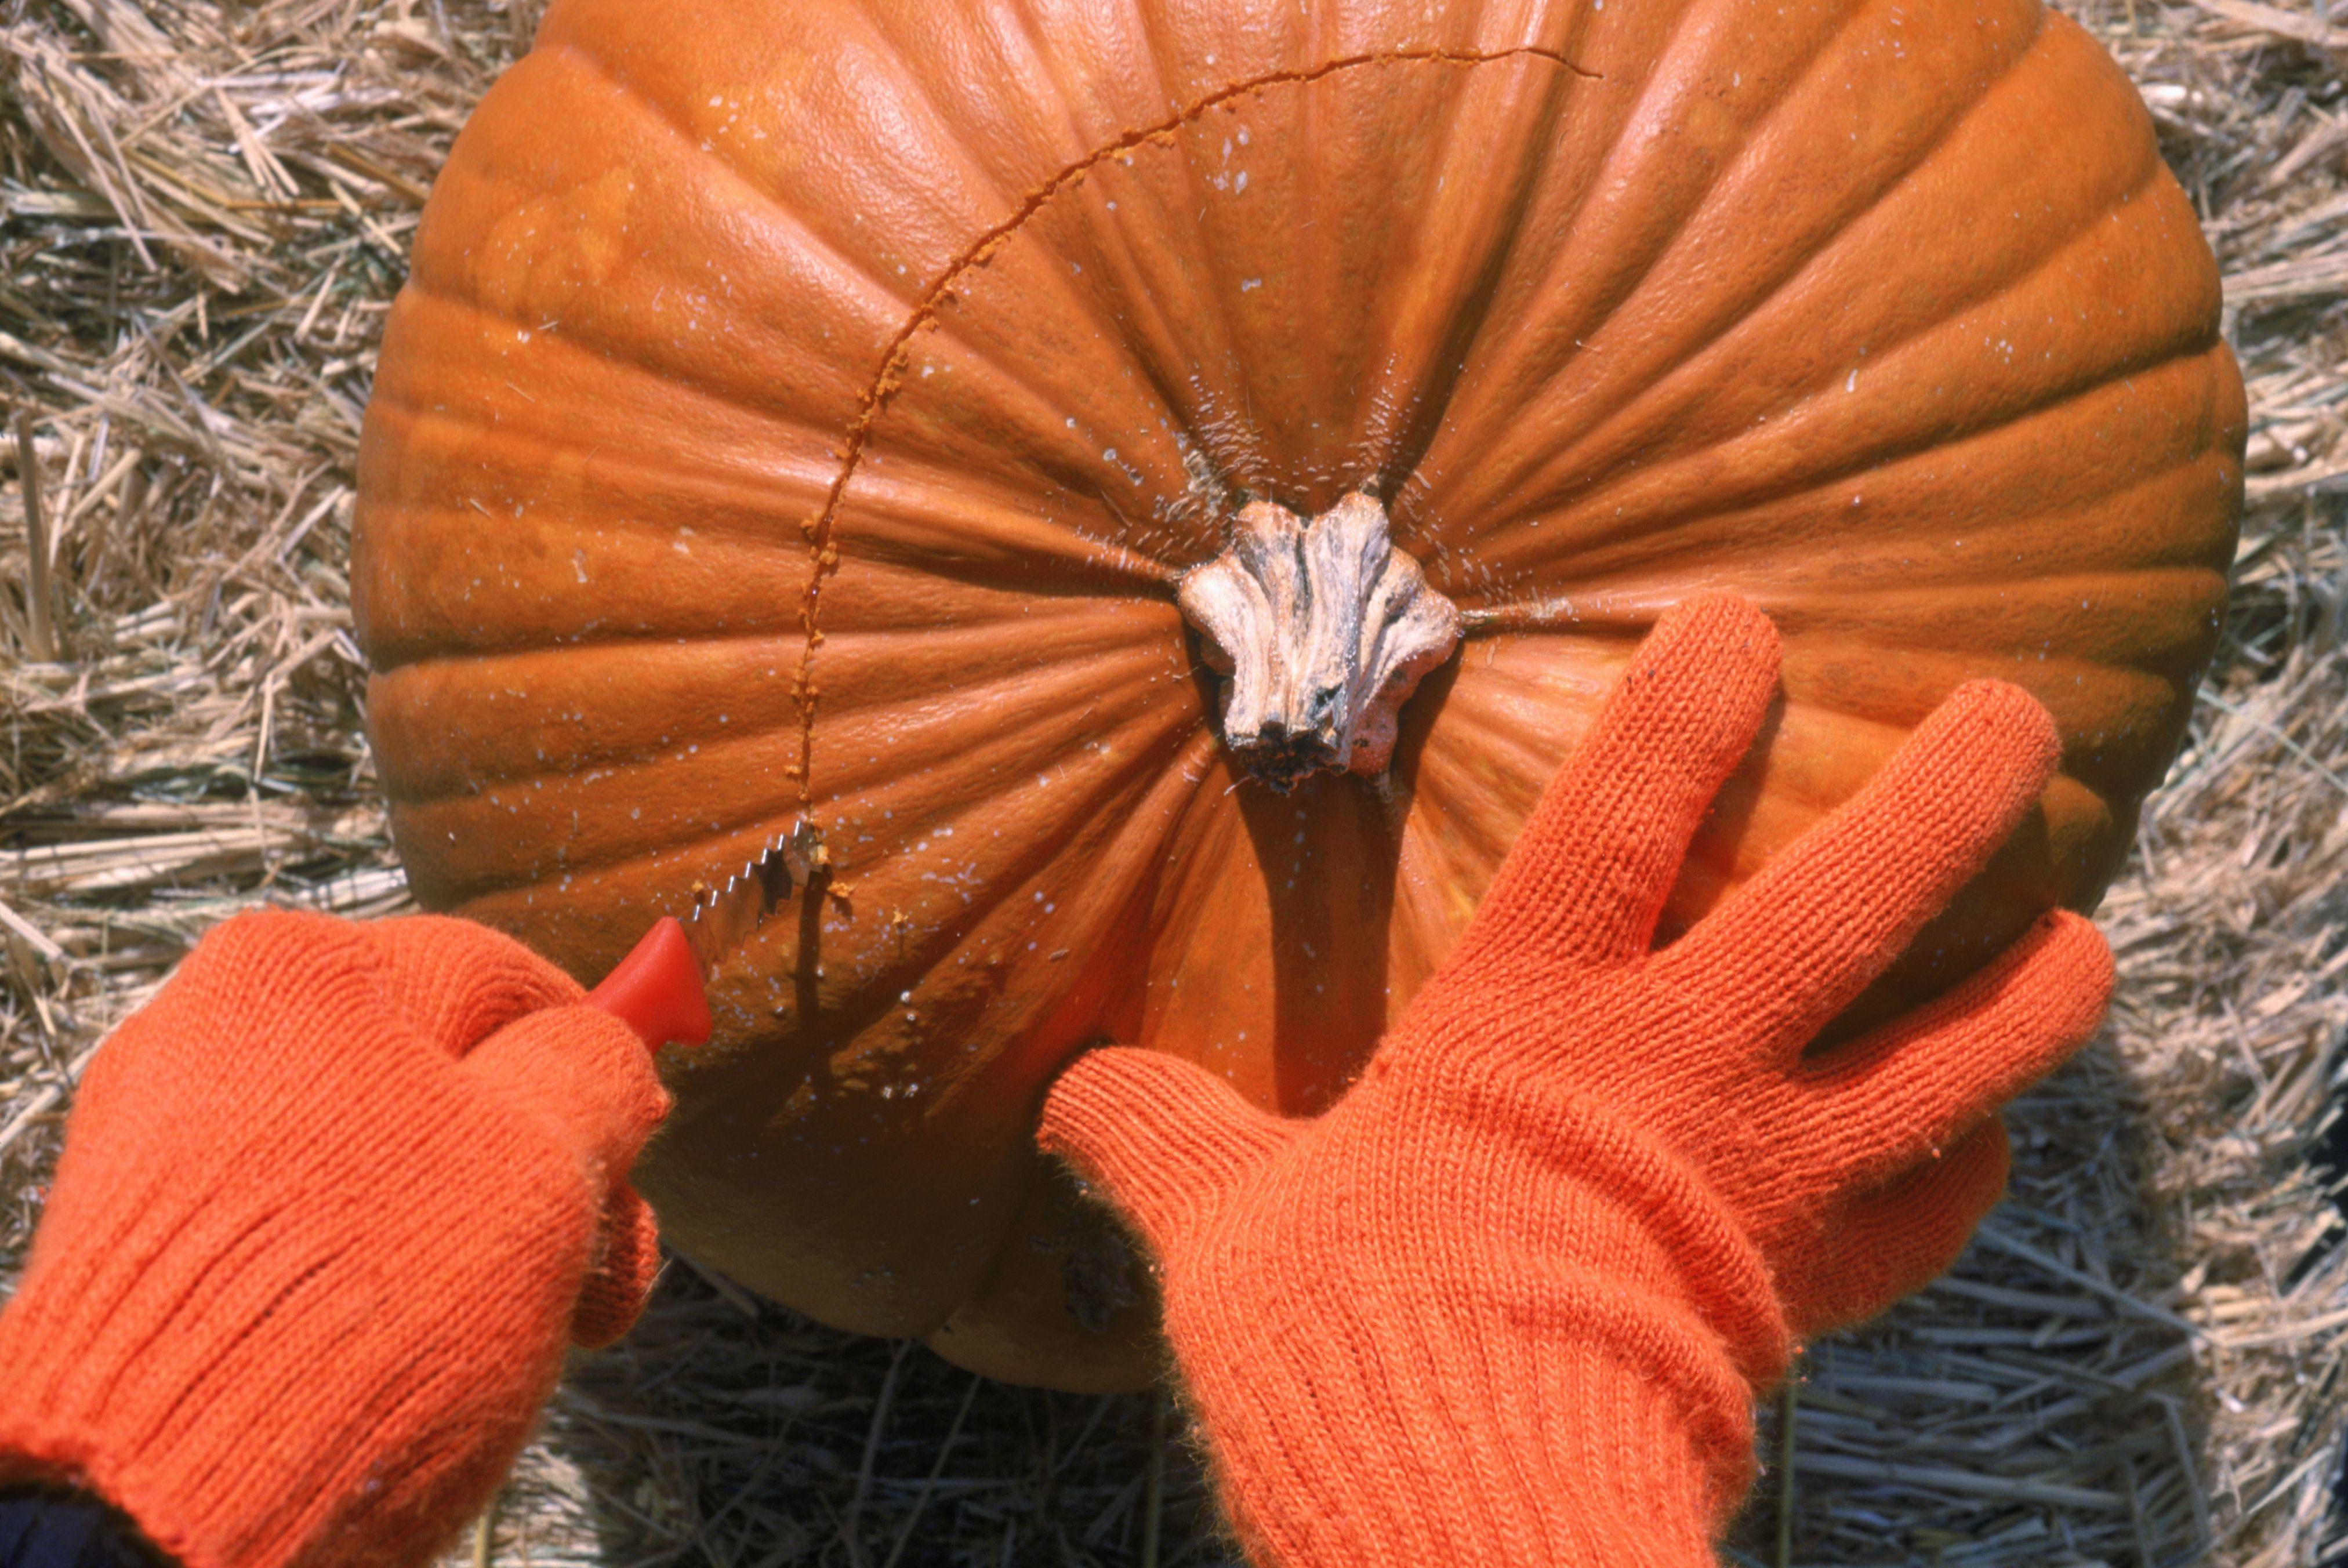 Person cutting open pumpkin